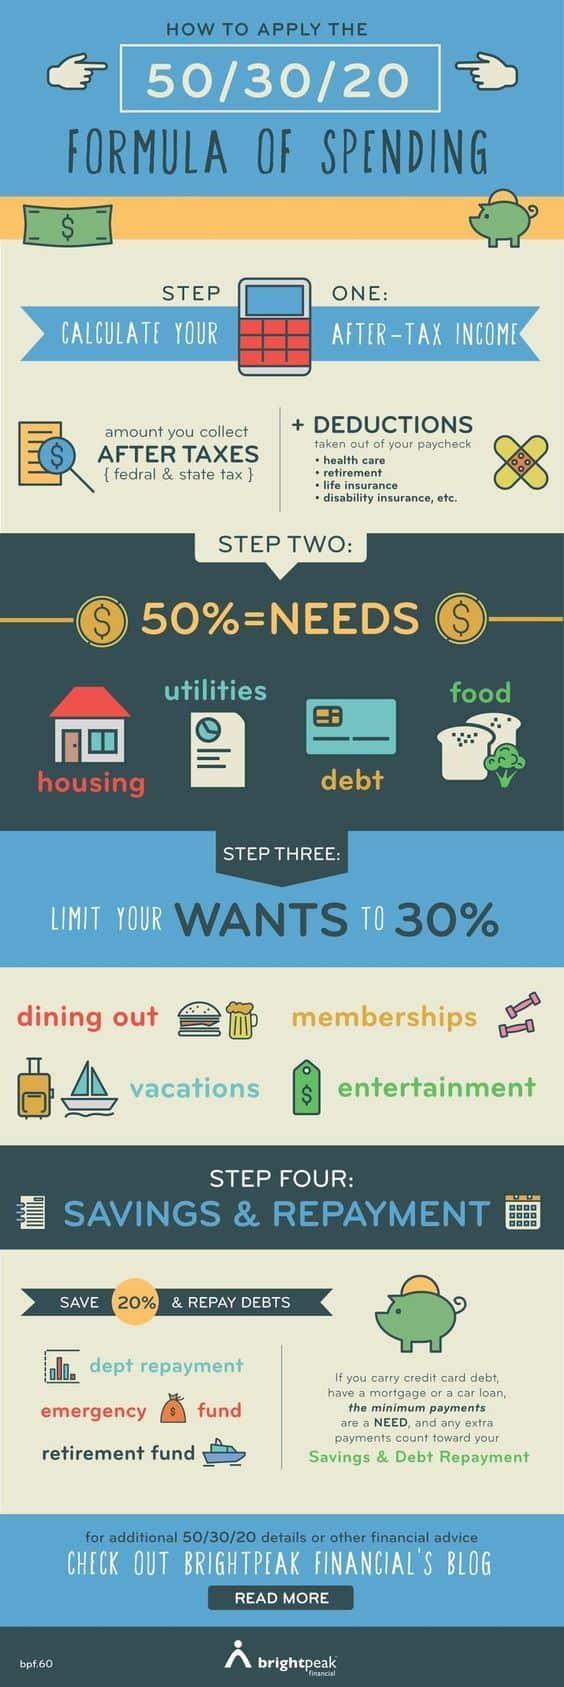 Money saving charts tips pdf printable budget 50/30/20 rule